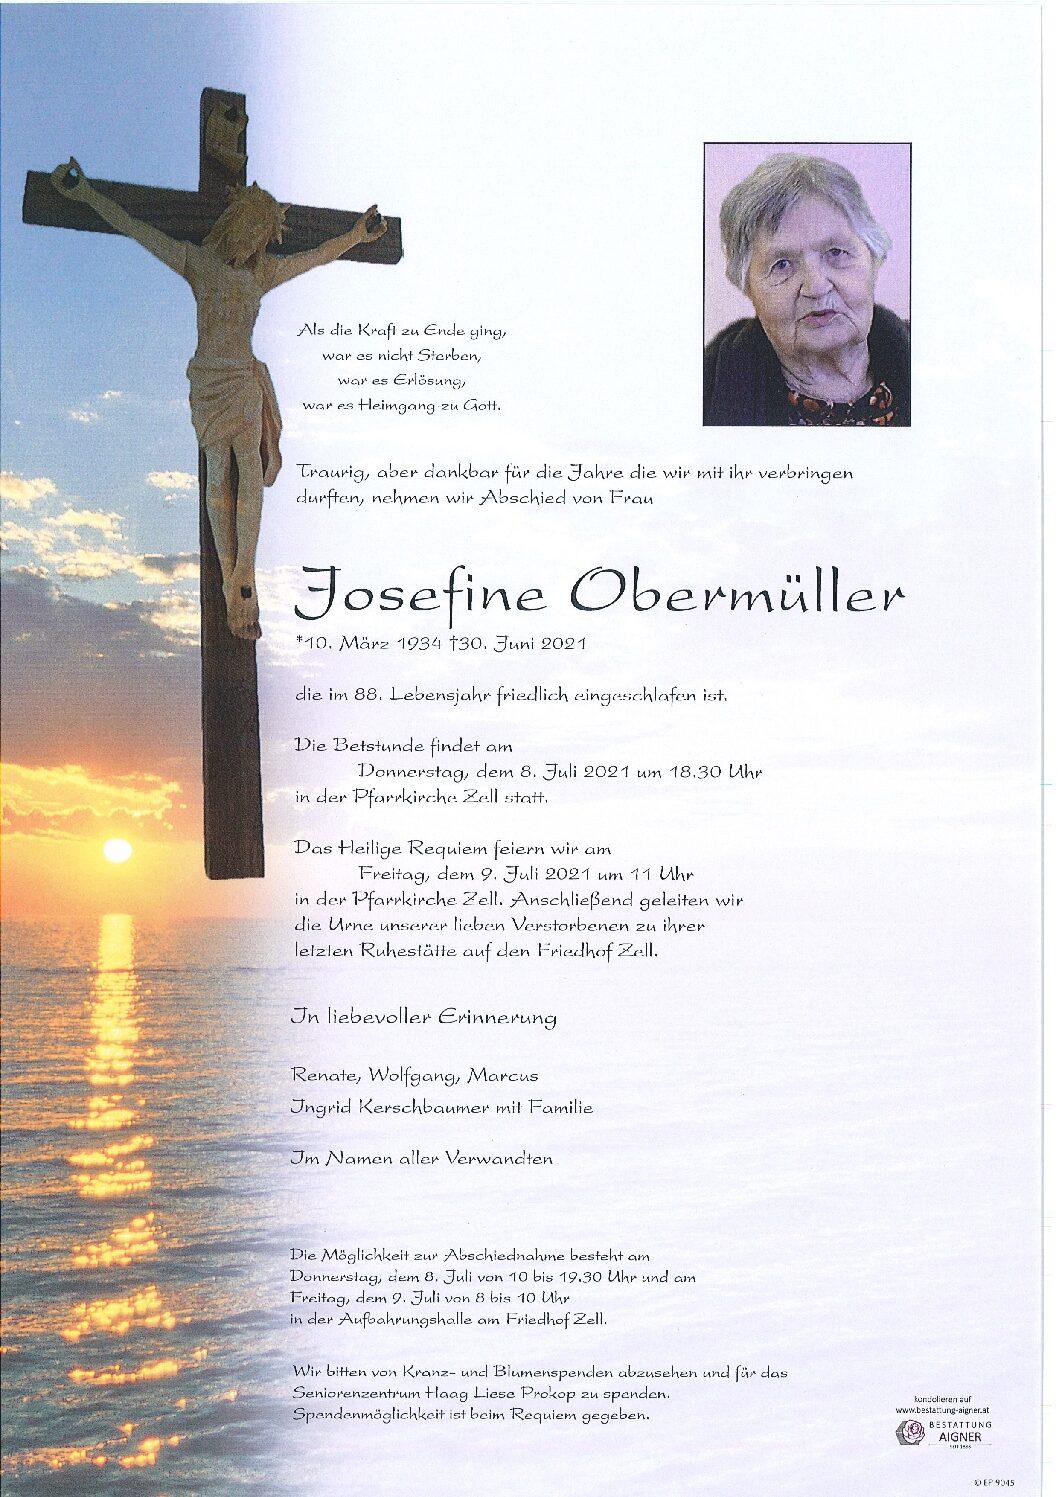 Josefine Obermüller